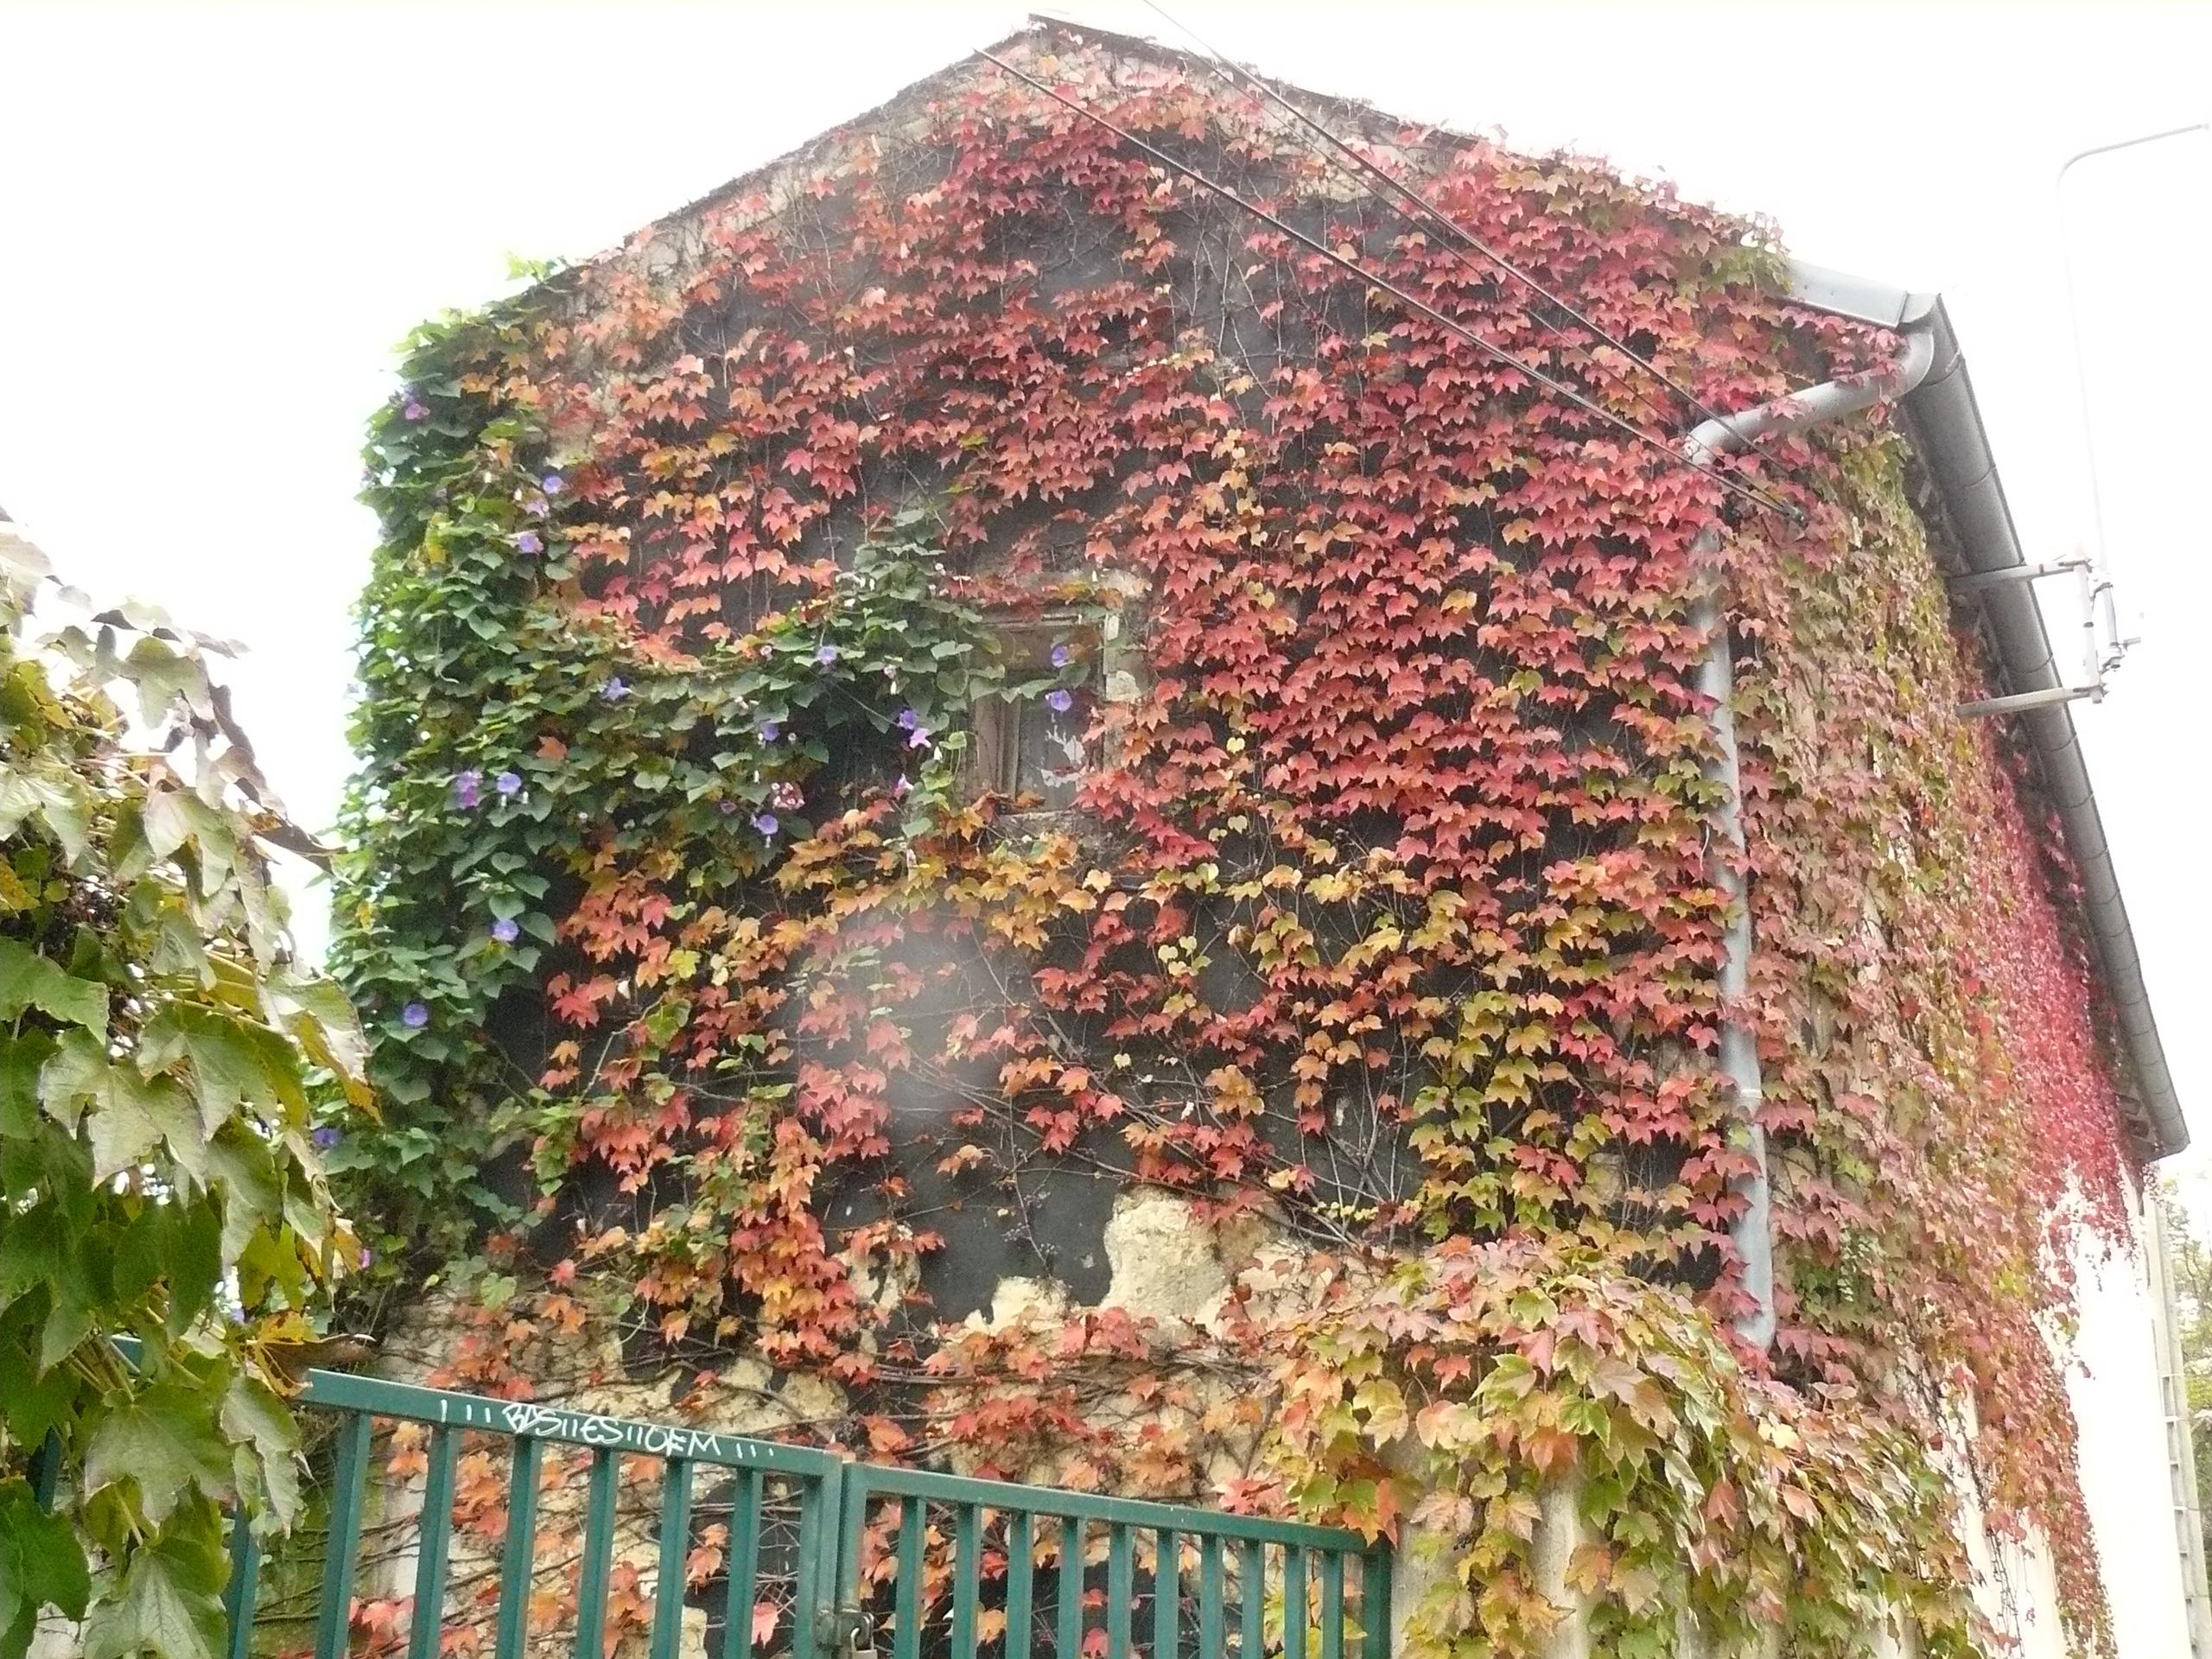 Mur mur 1, rue ABERT MPT